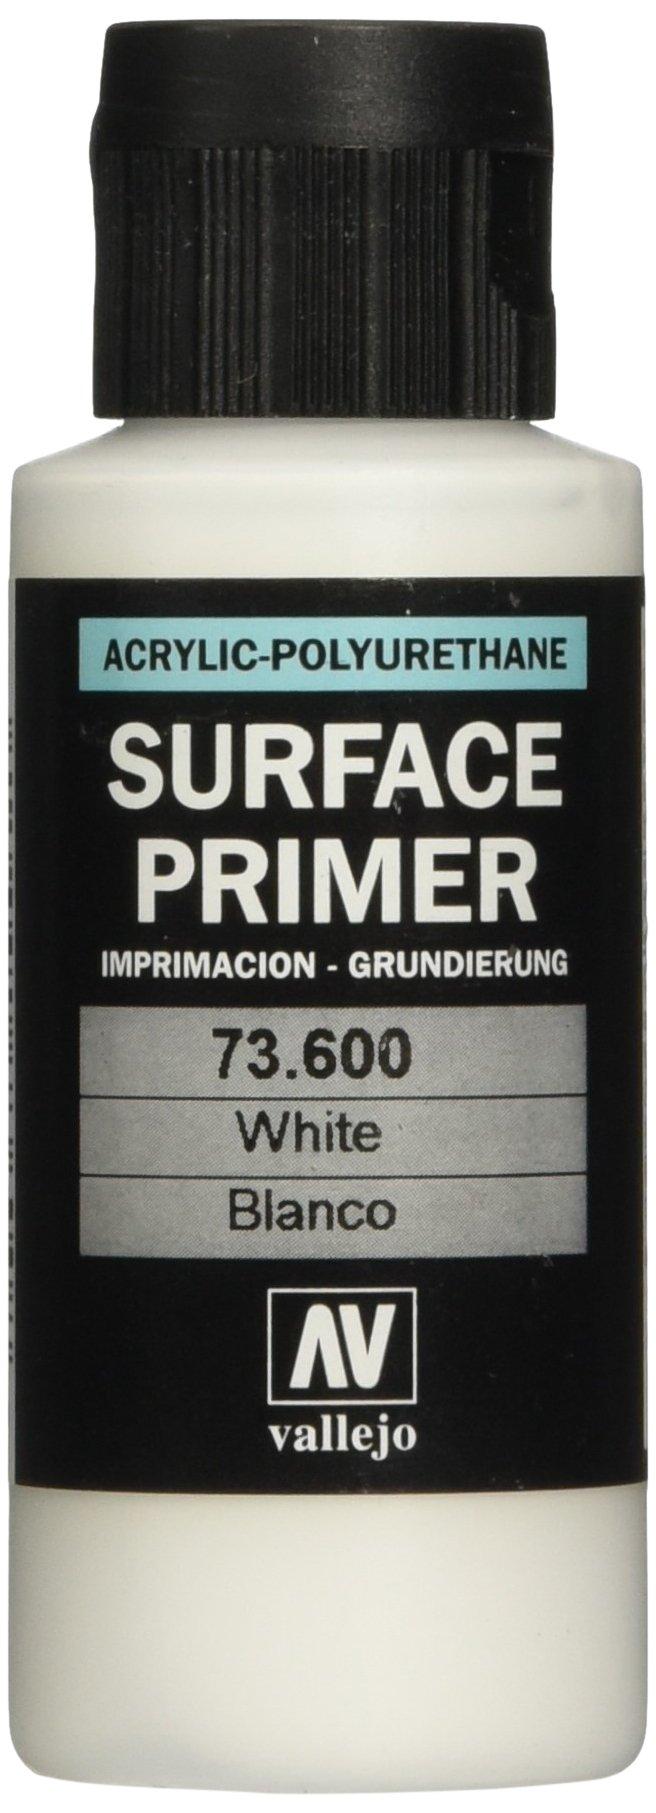 Vallejo White Primer Acrylic Polyurethane, 60ml by Vallejo